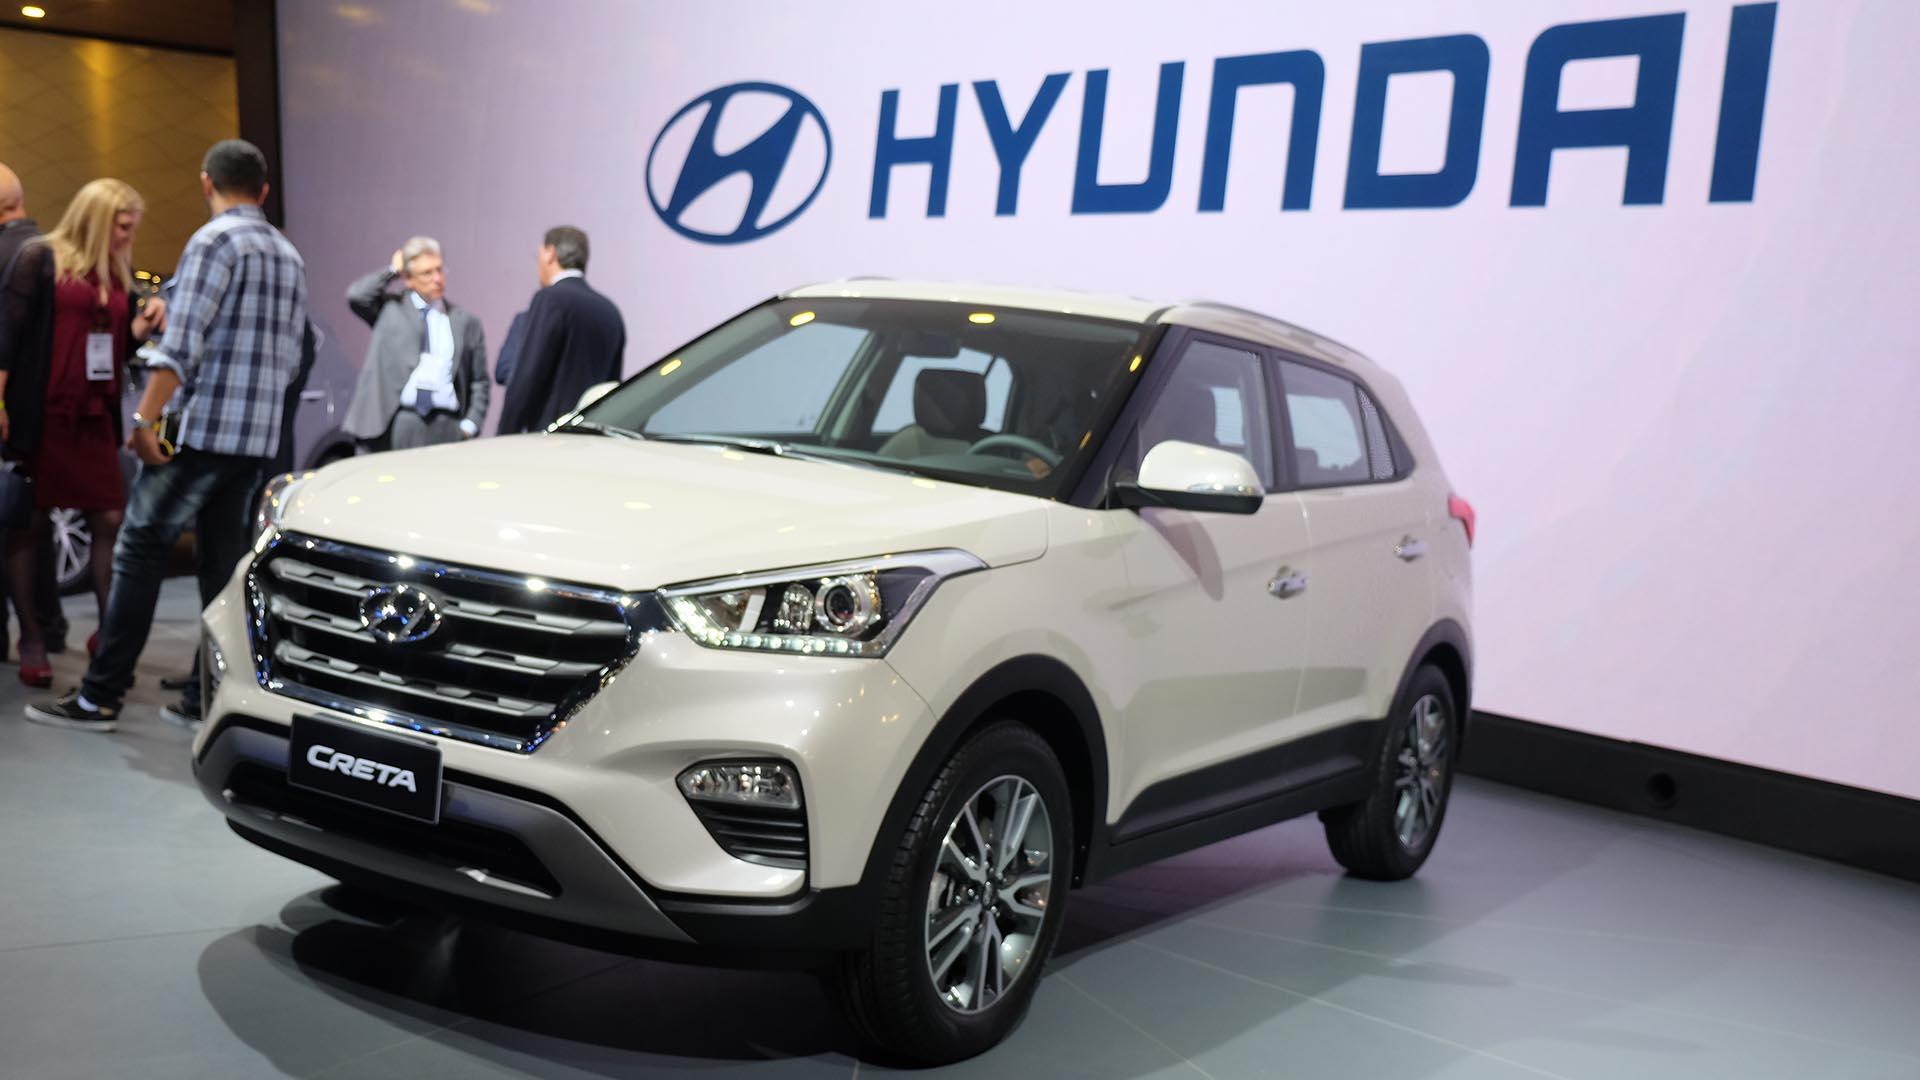 Hyundai Creta x Honda HR-V — Comparativo no papel